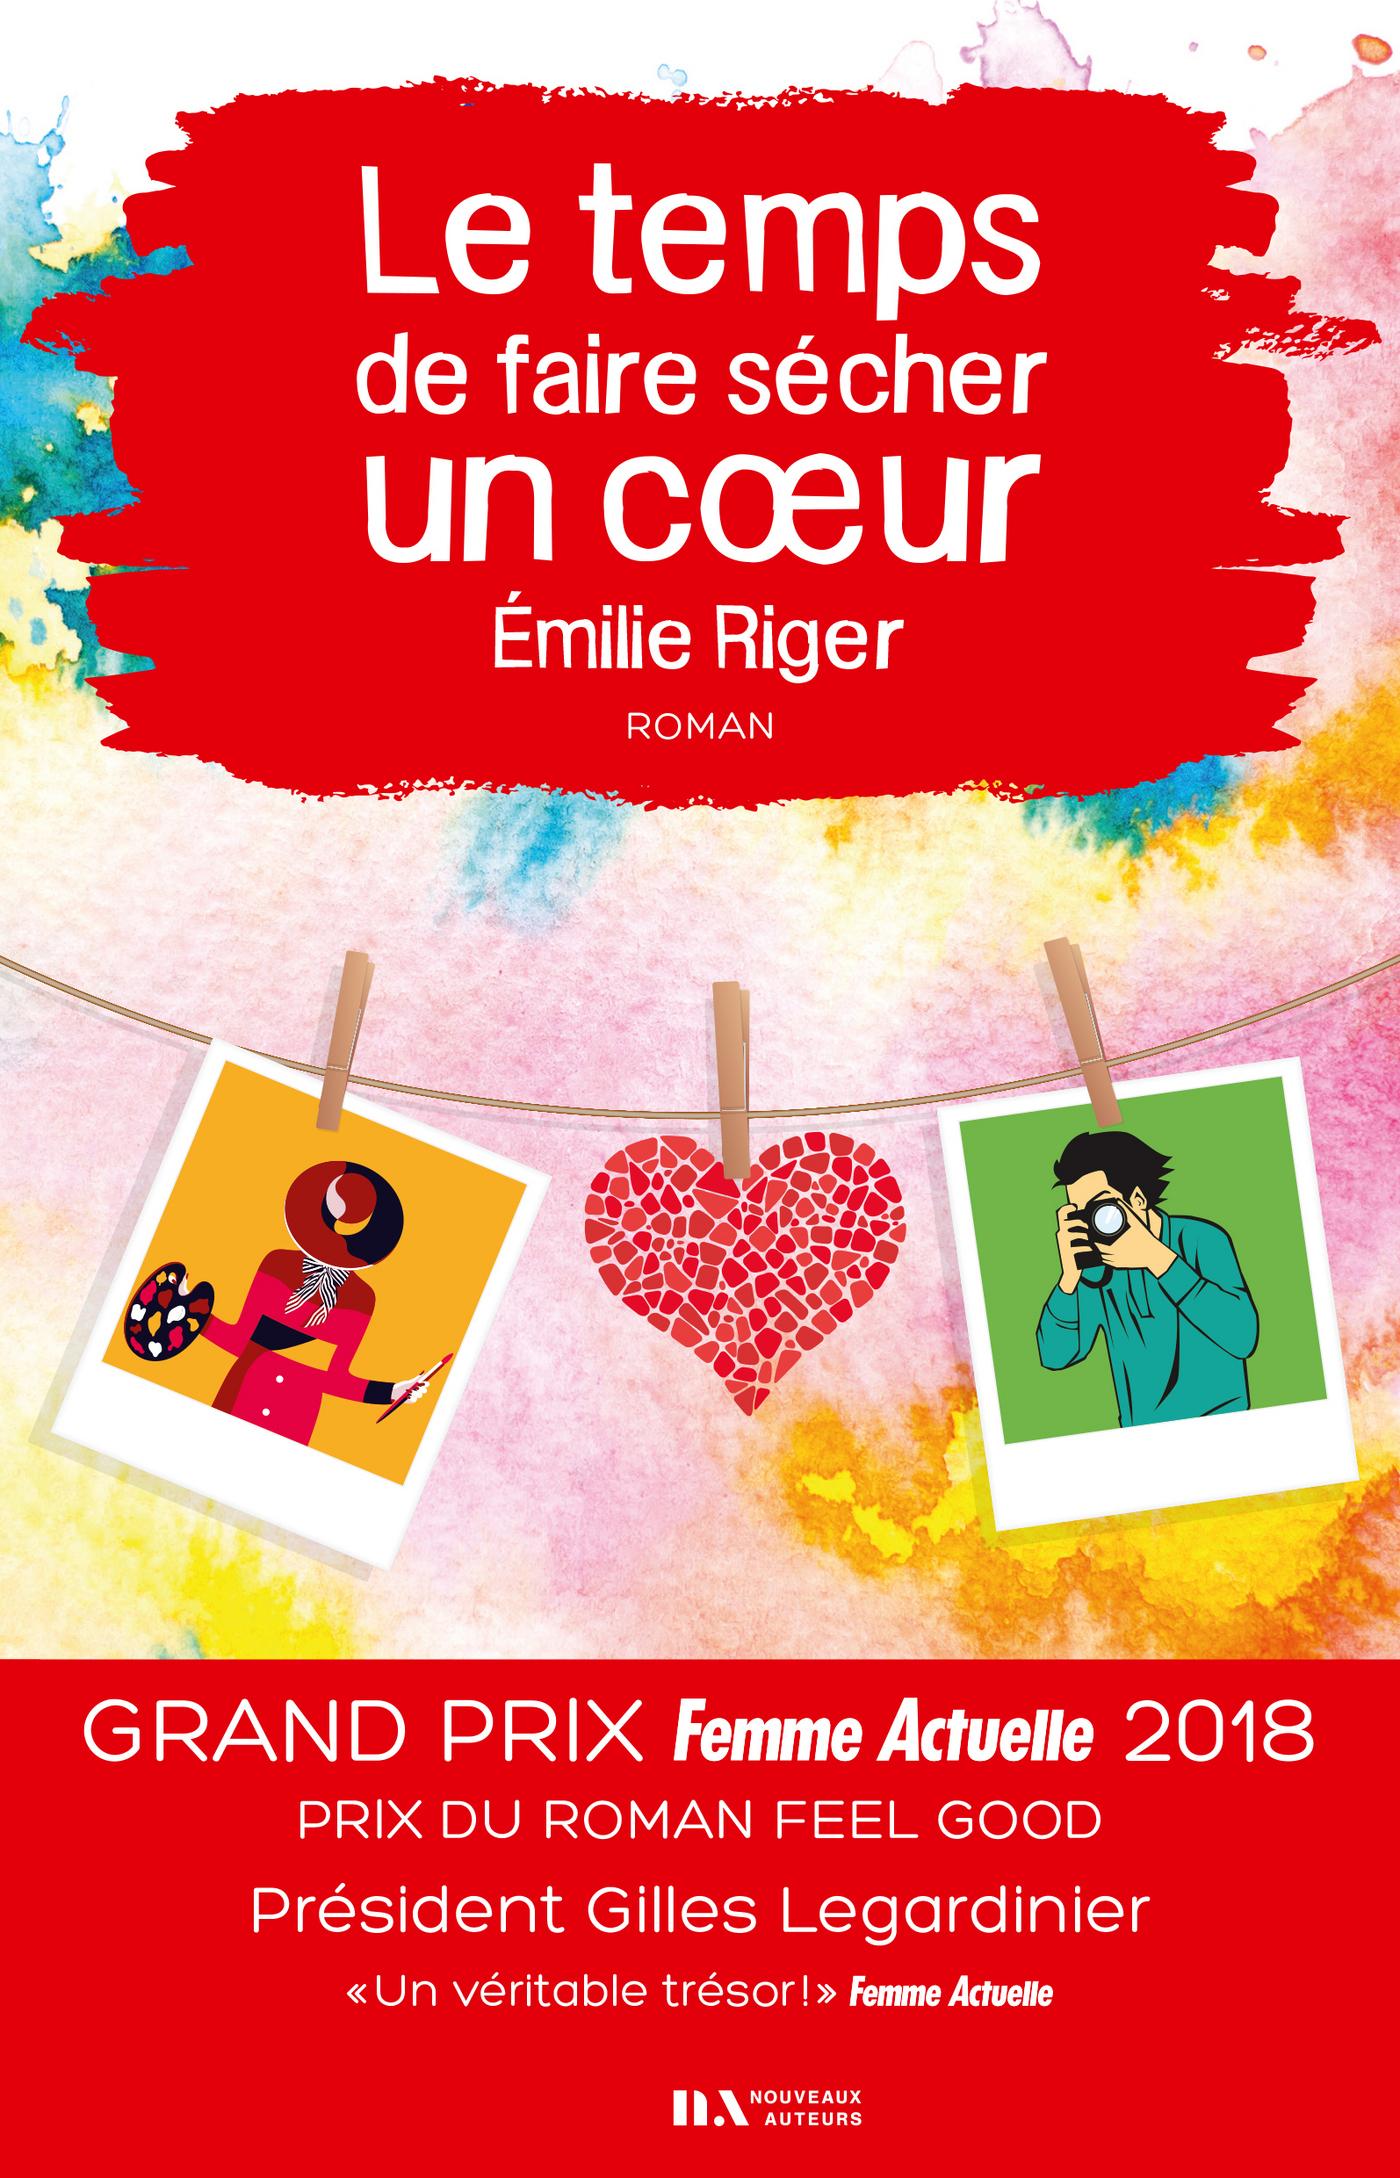 Le temps de faire sécher un coeur - Prix Feel Good - Prix Femme Actuelle 2018